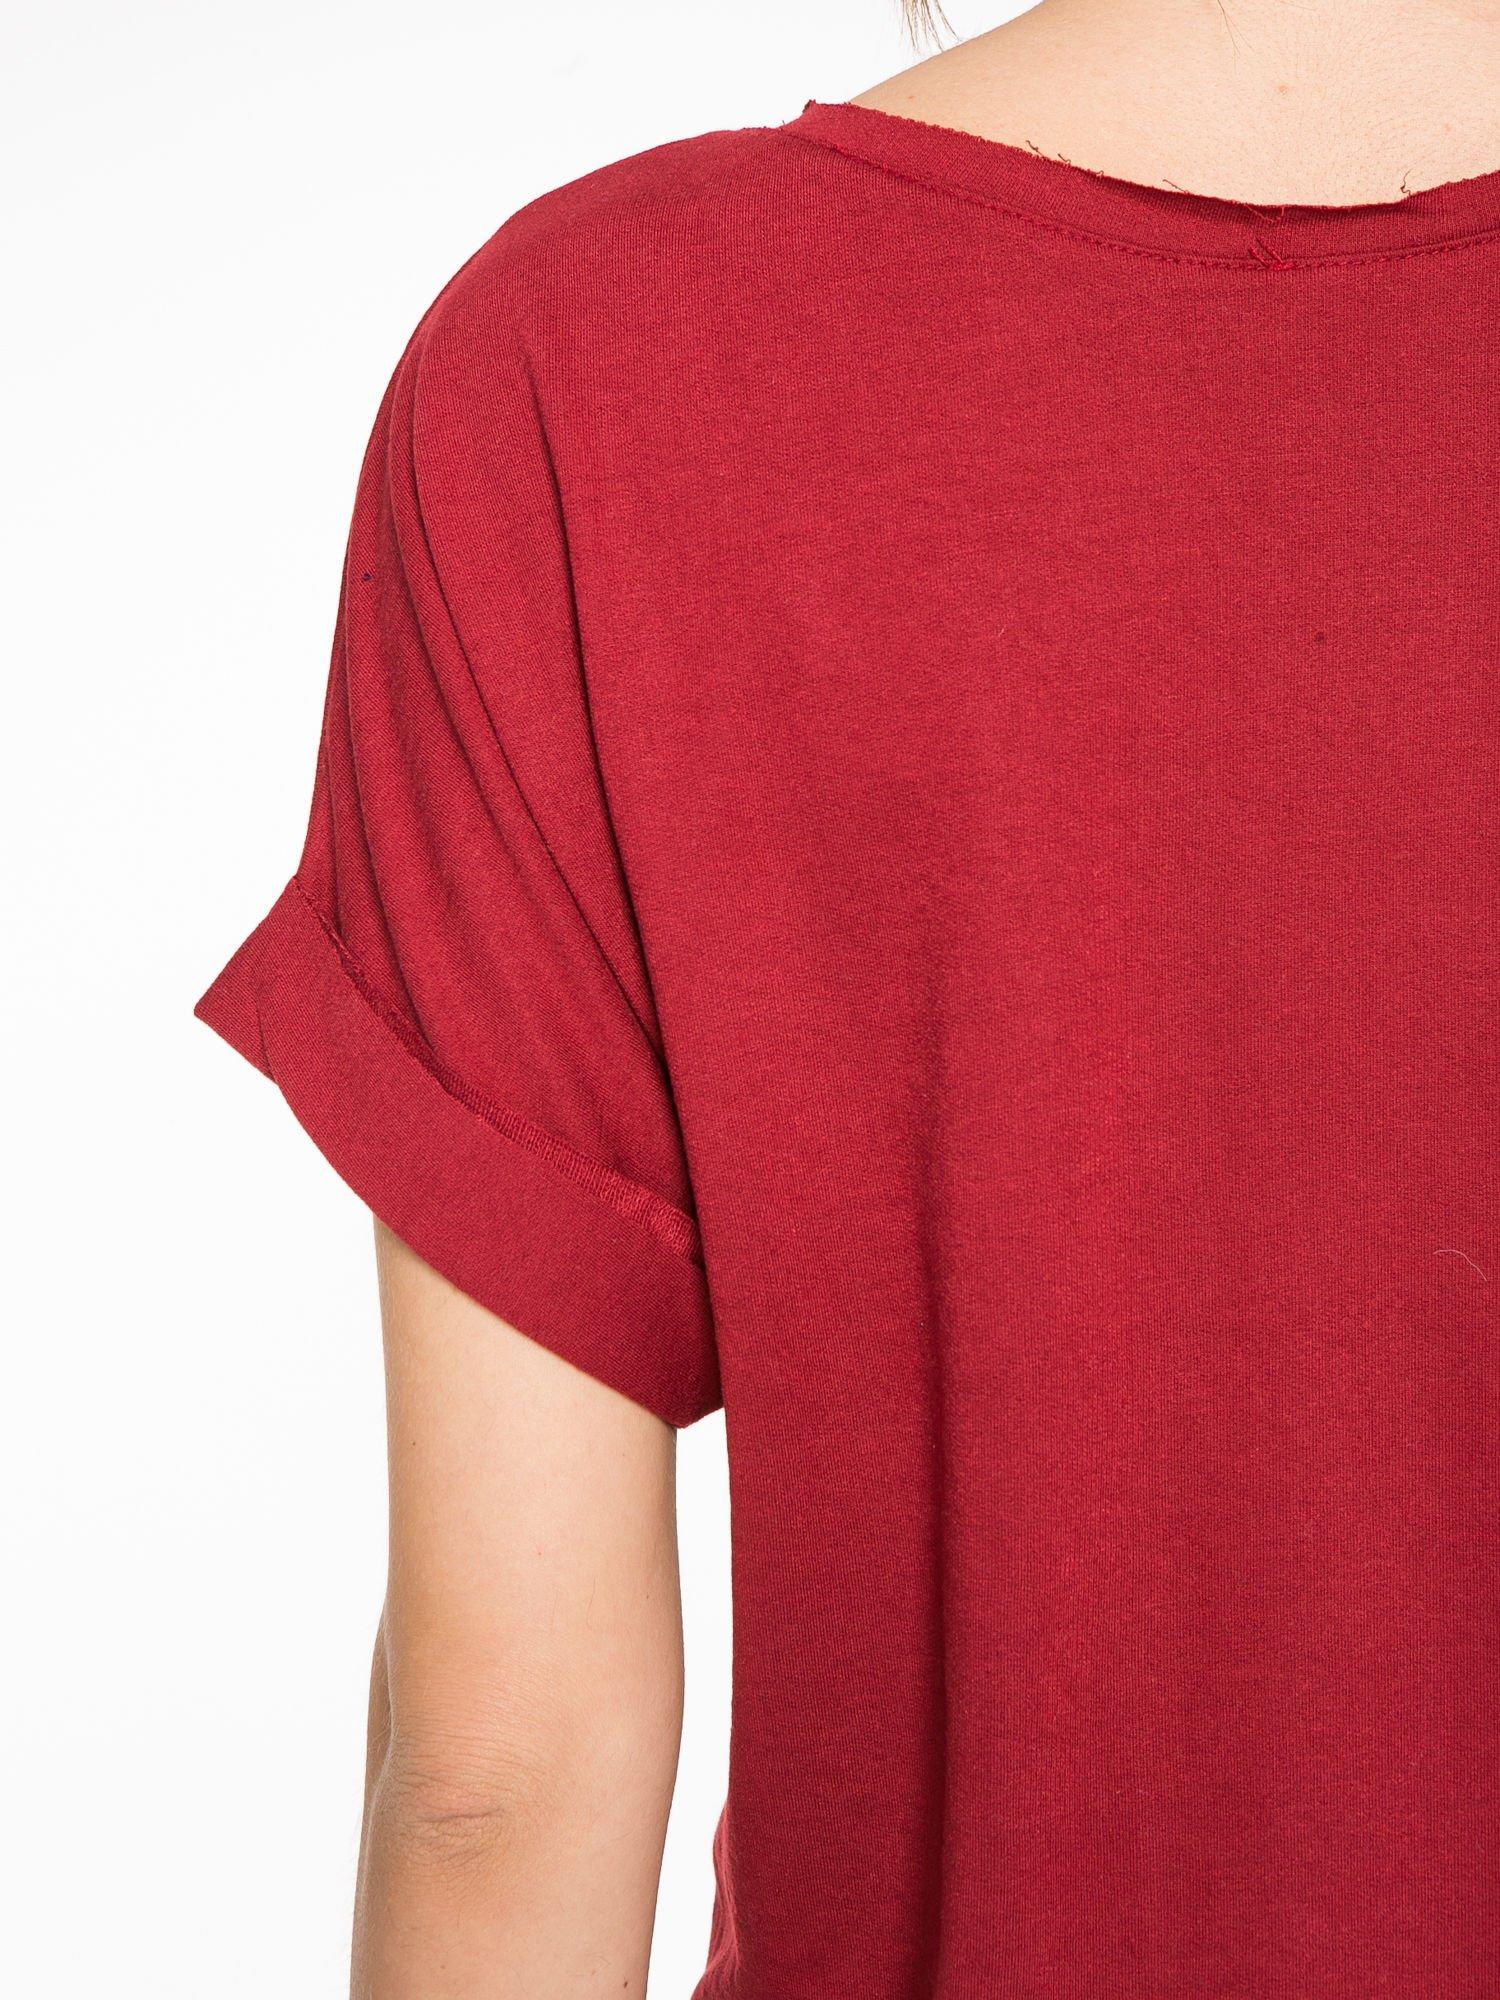 Borodowa bluzosukienka z nadrukiem NYC                                  zdj.                                  11